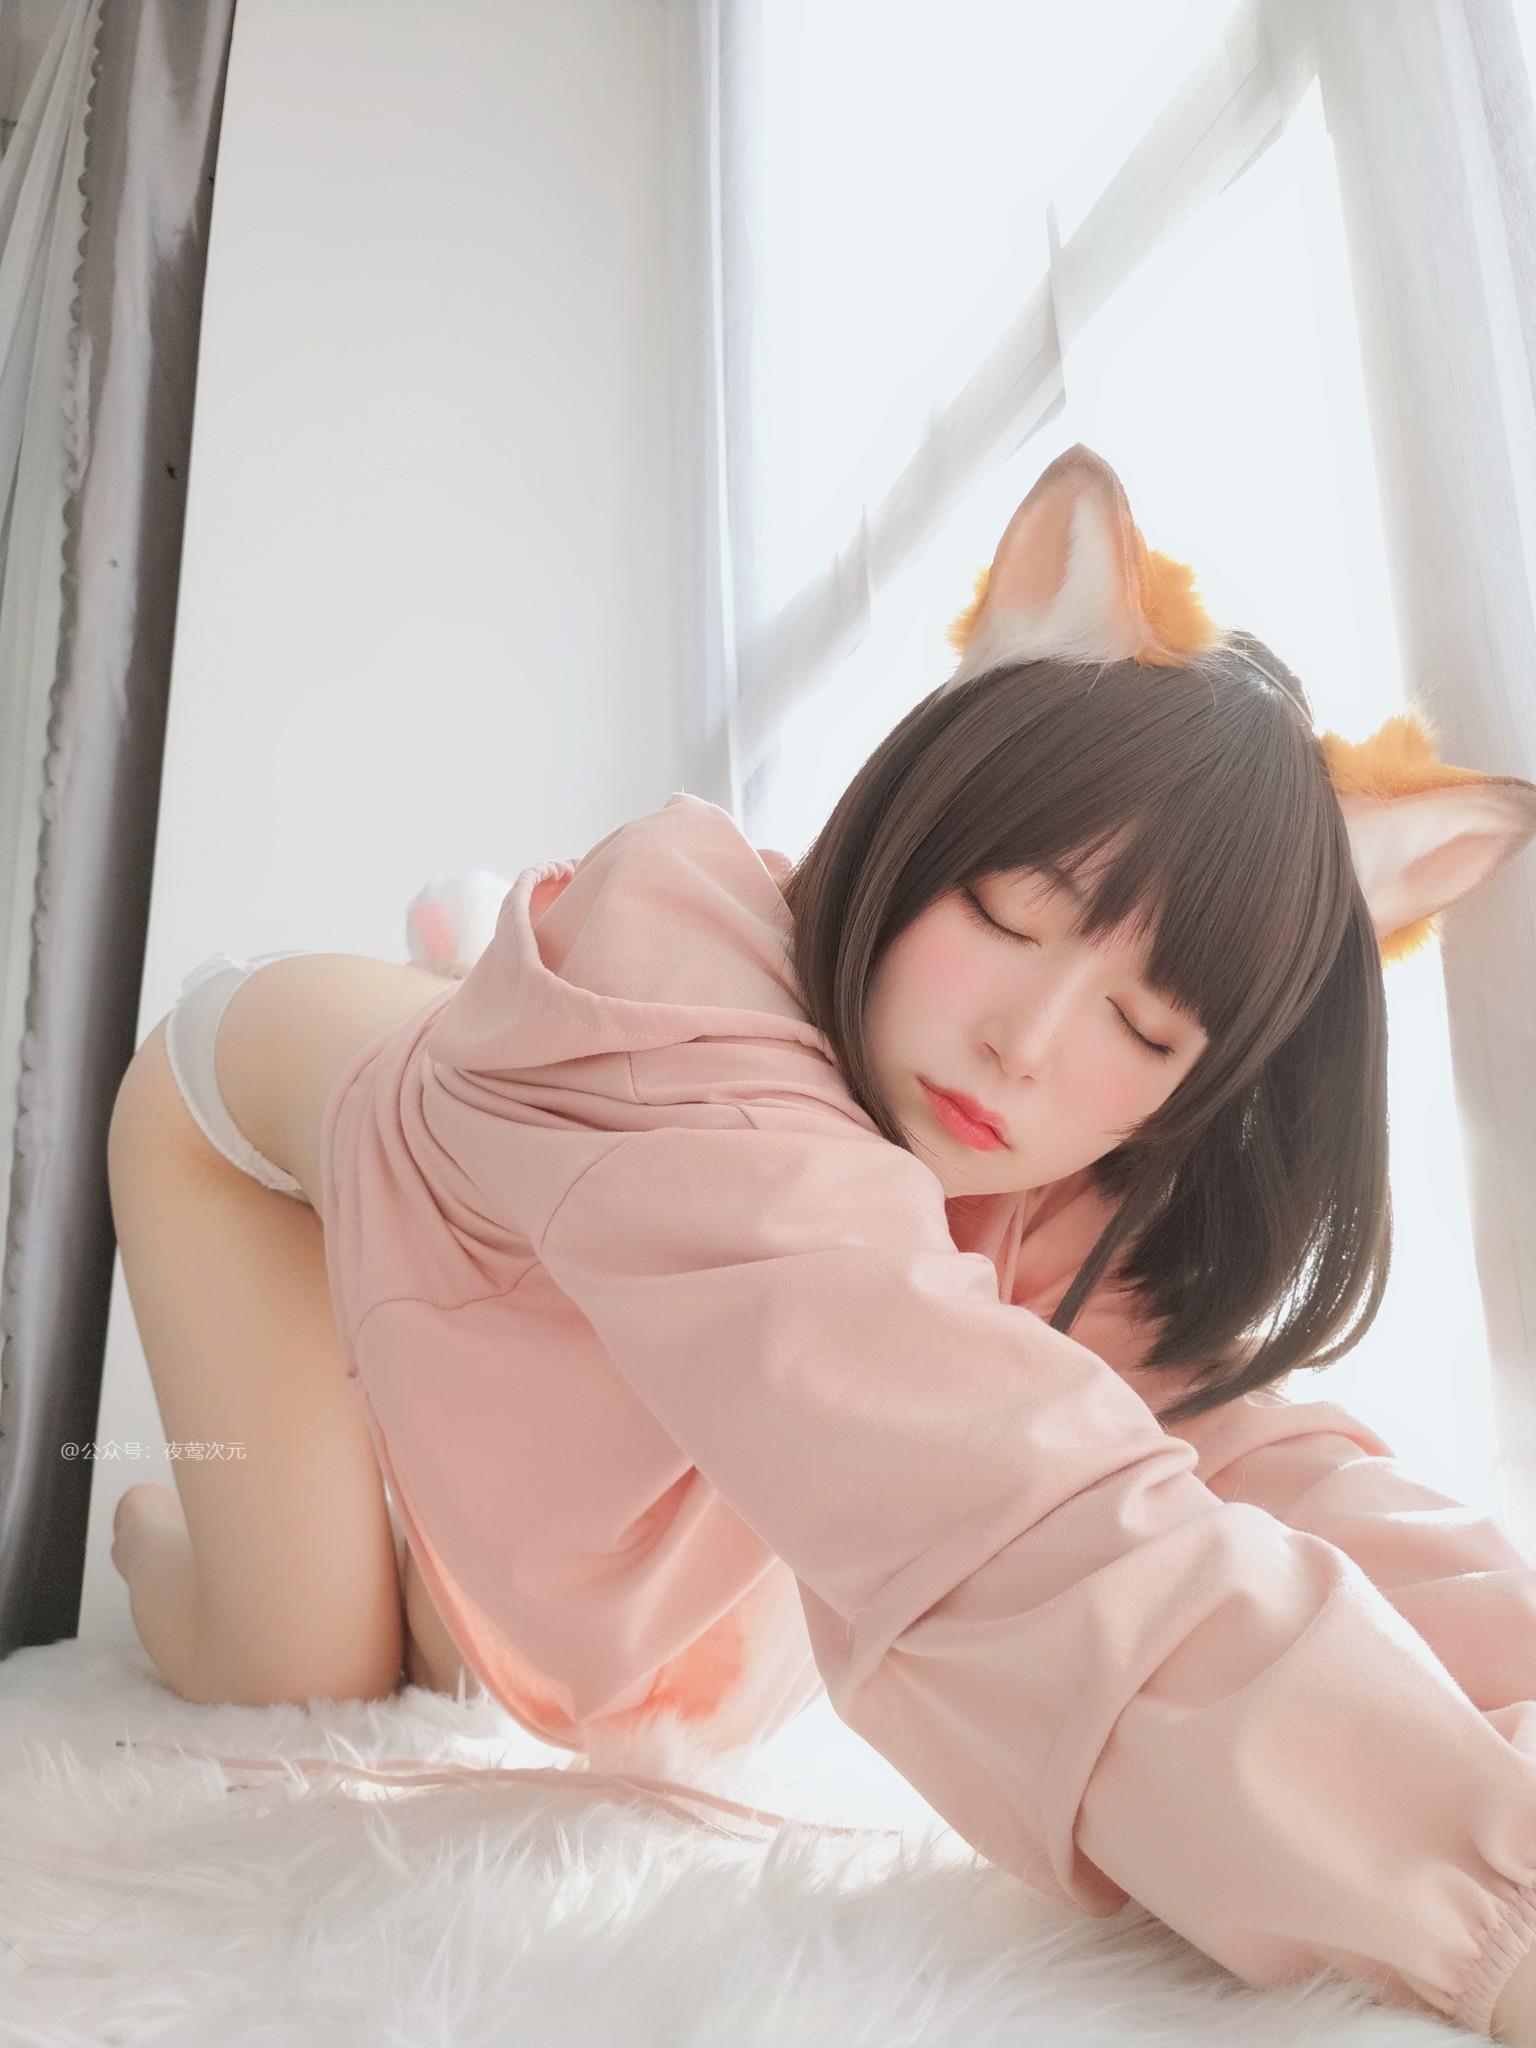 图片[17]-美图-粉色小猫-大鹏资源网